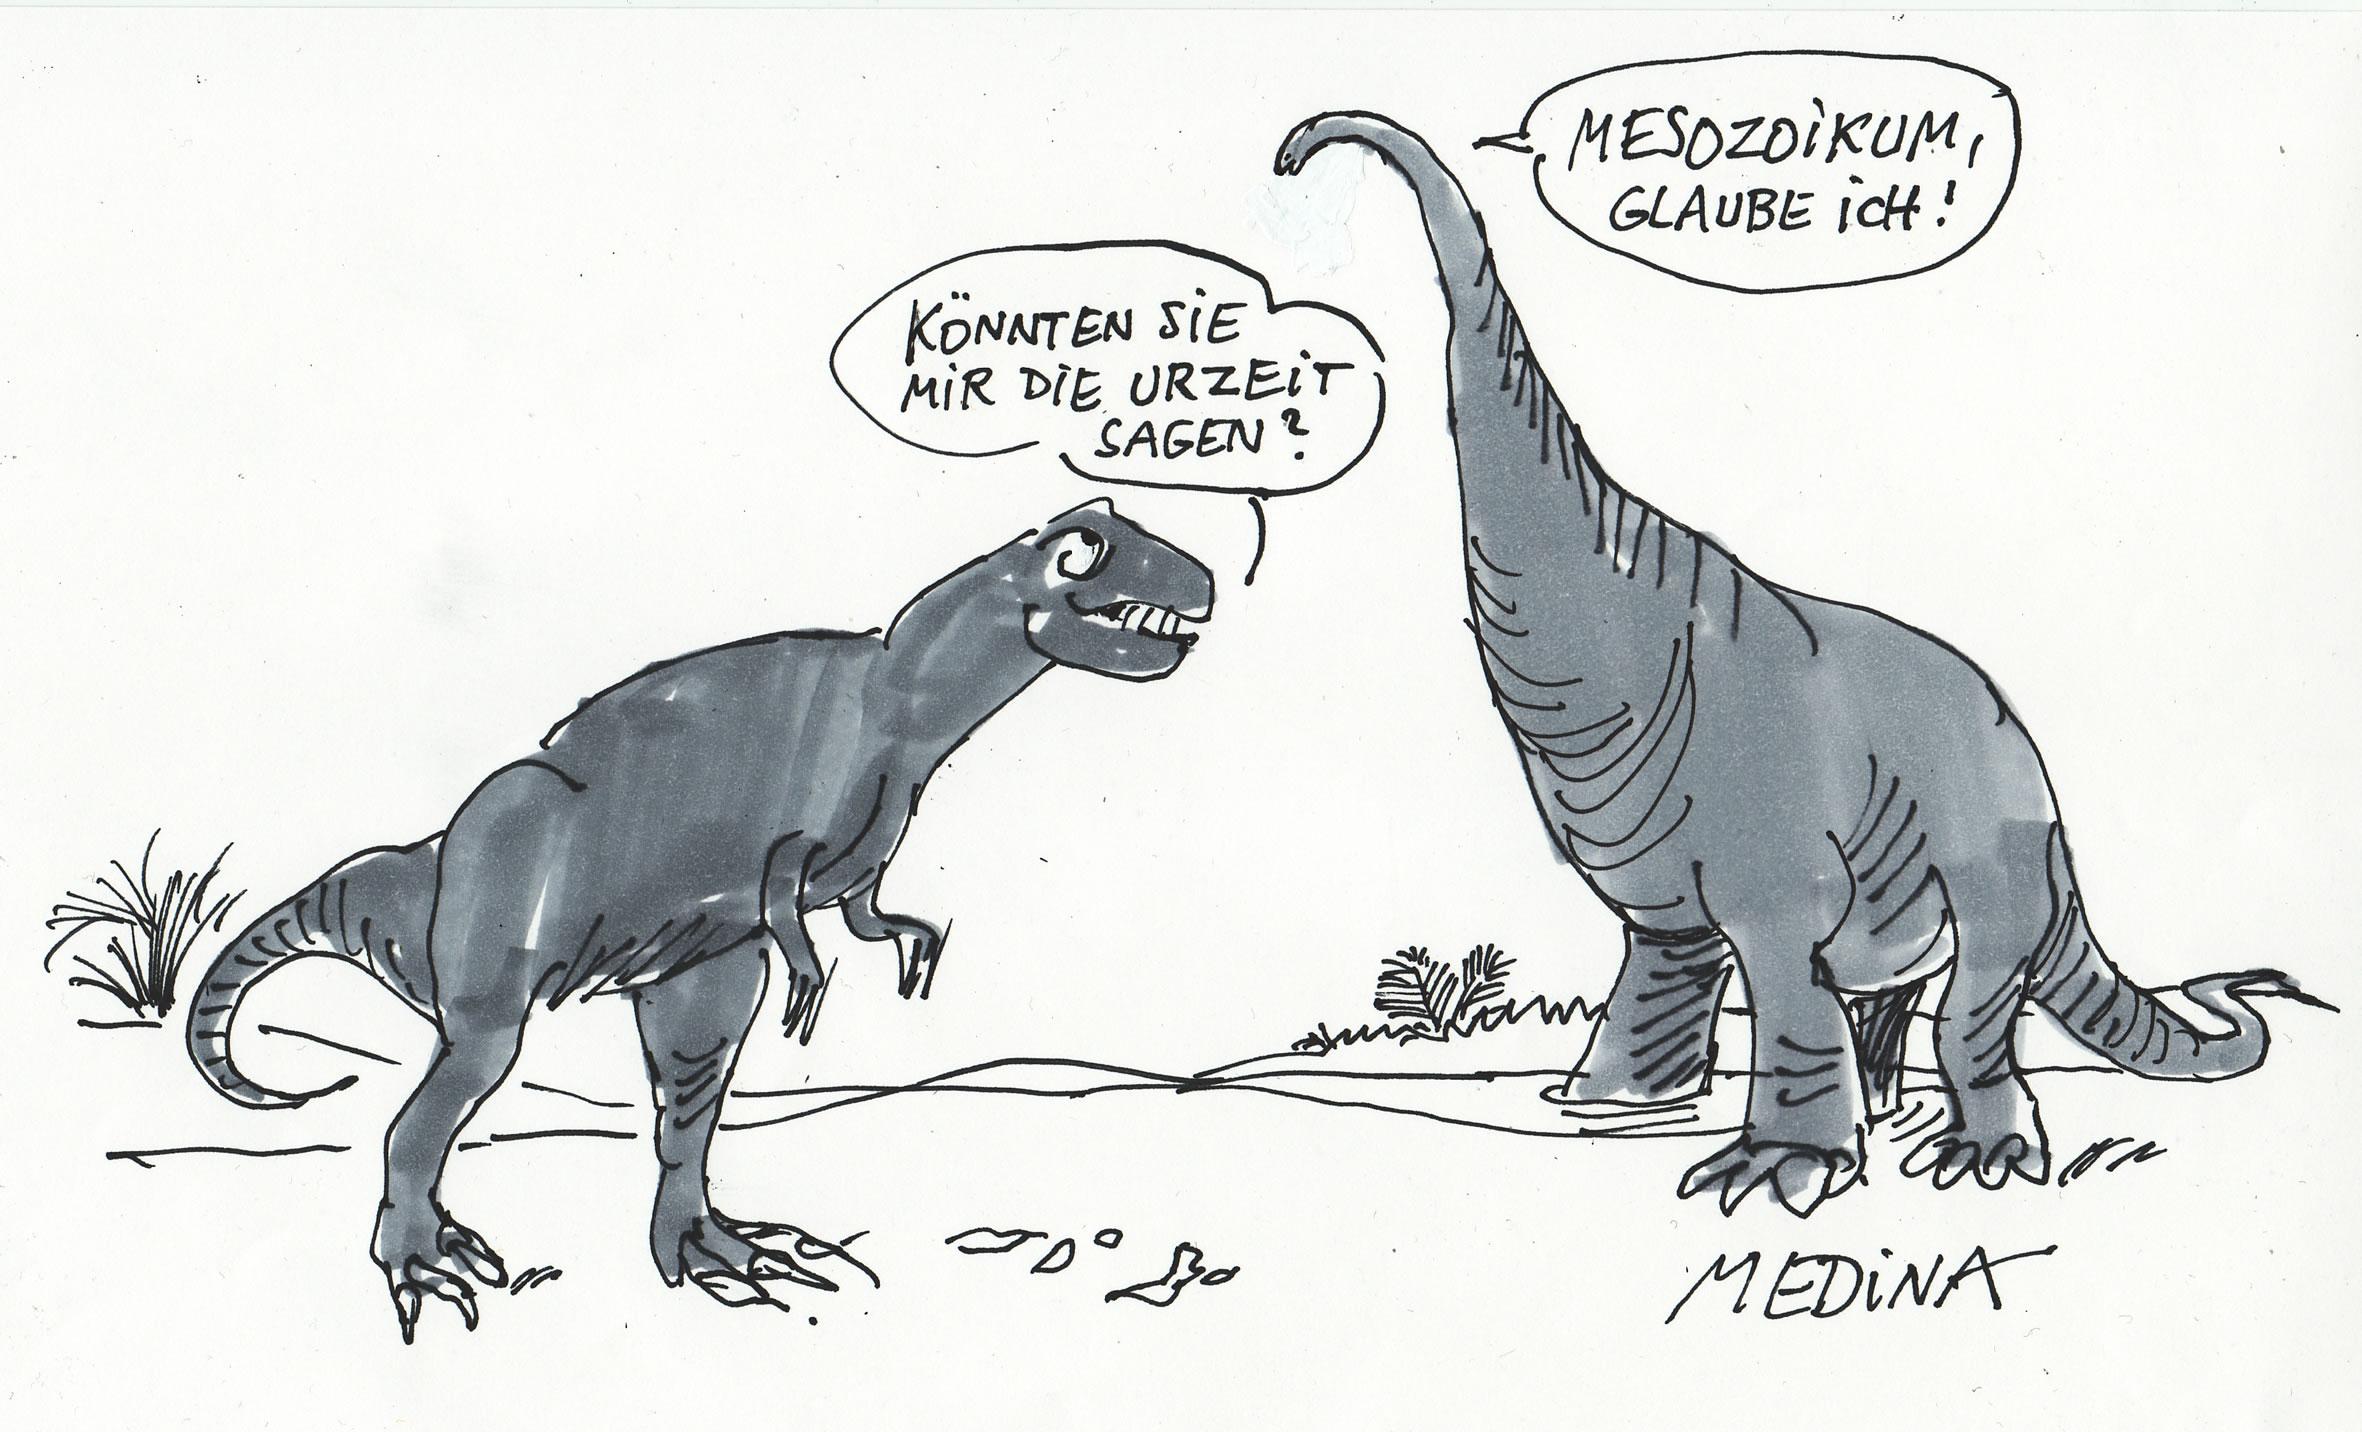 blog-medina-urzeit